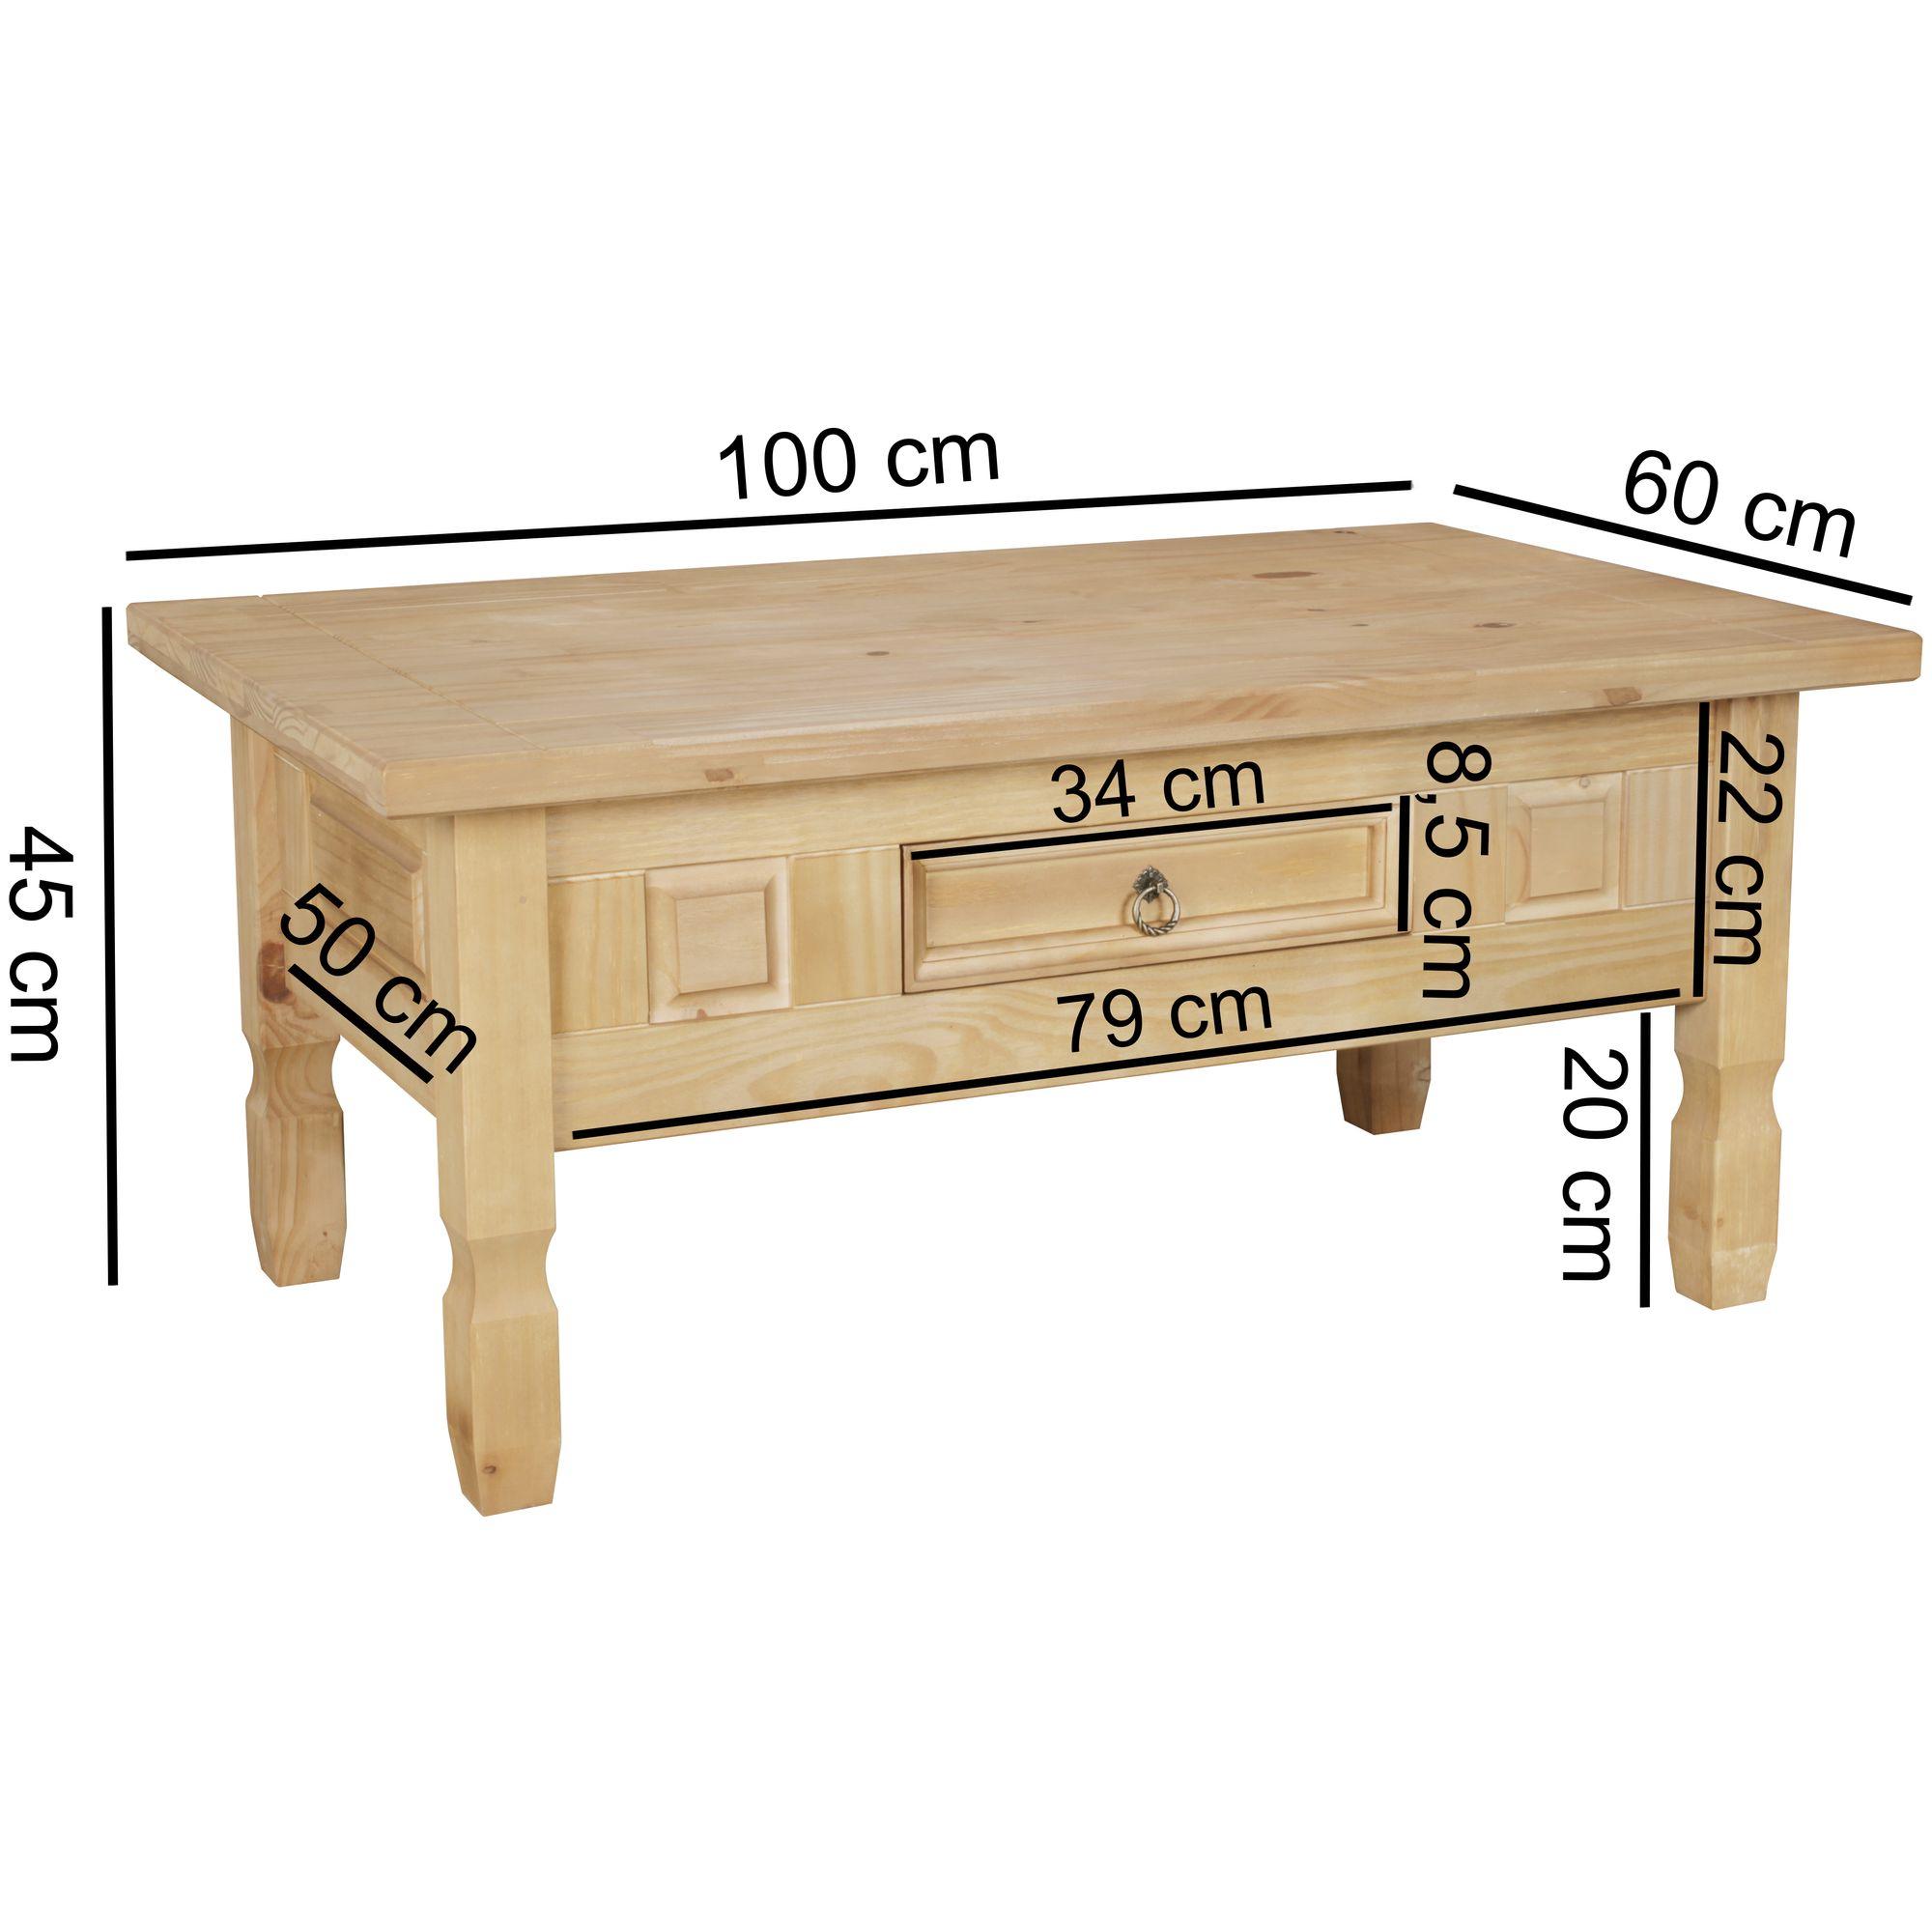 Innenarchitektur Couchtisch Holz Rustikal Beste Wahl Finebuy Kiefernholz Mit Schublade Und Metallgriff 100